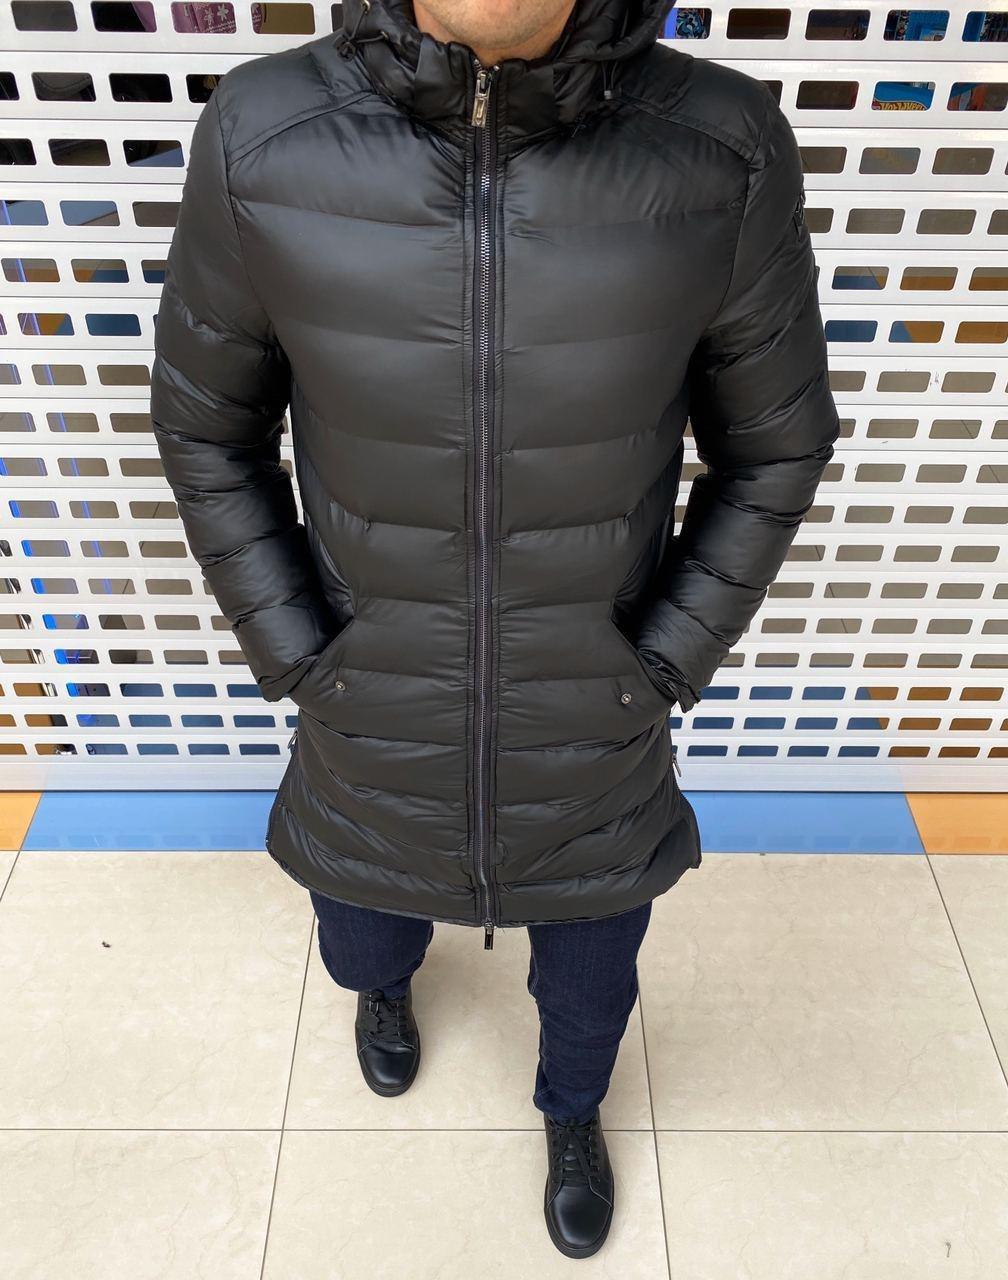 Чоловіча куртка подовжена осіння у наявності! ЛЮКСОВА МОДЕЛЬ! Стильні та комфортні РОЗМІРИ: S-2XL.